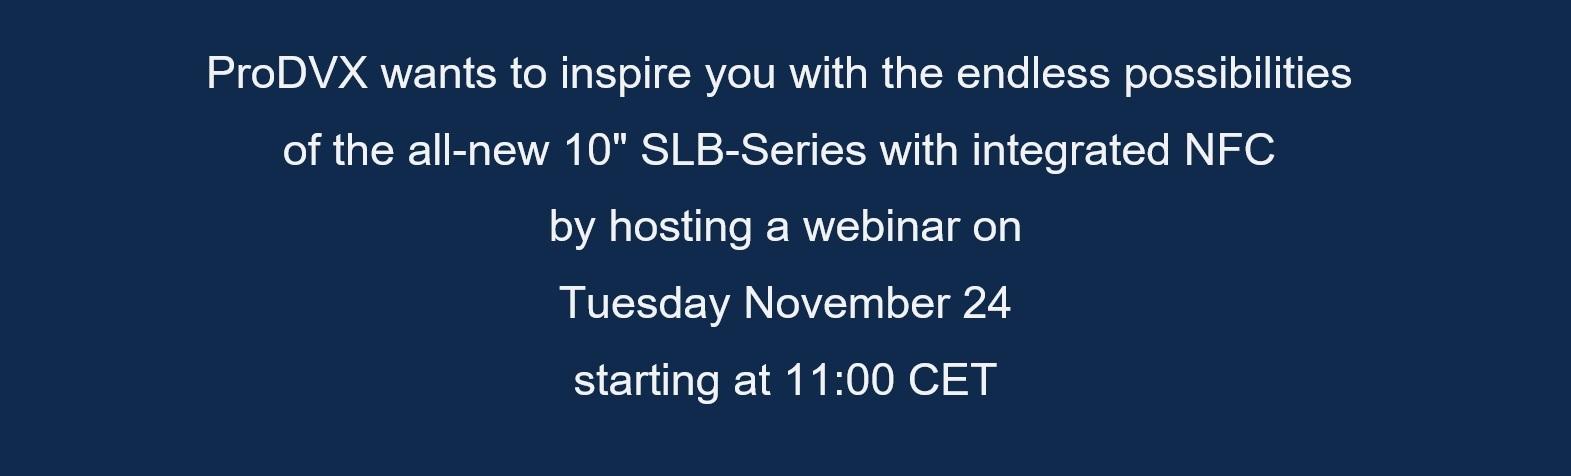 Webinar invite